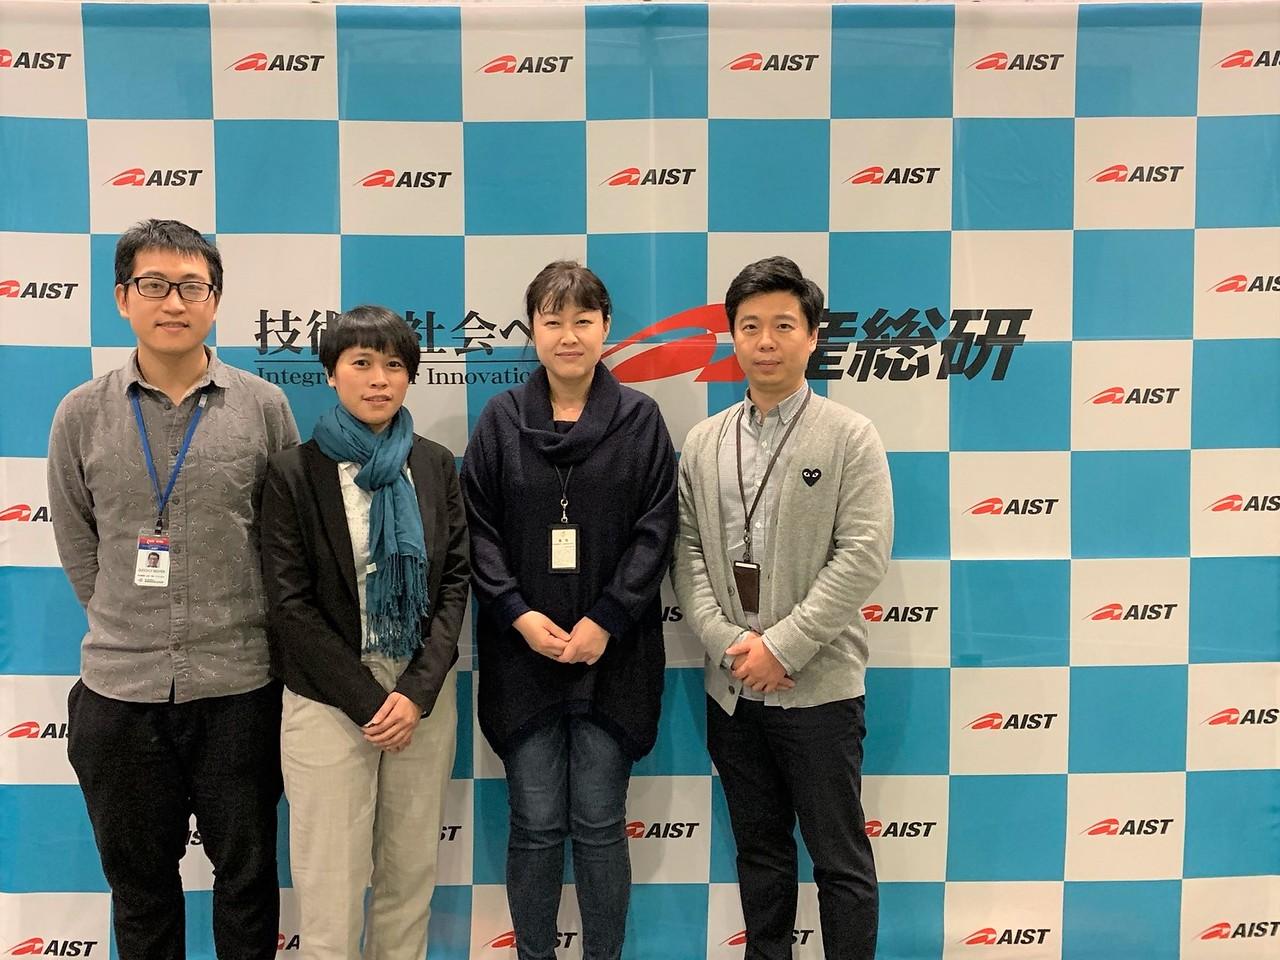 前進日本東京!協助日本AIST建置點雲人工智慧分類平台